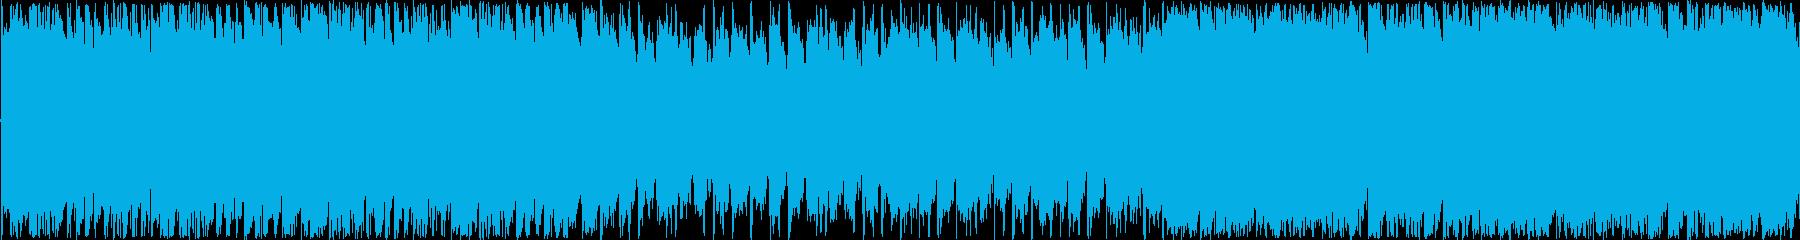 明るく可愛い行進曲の再生済みの波形